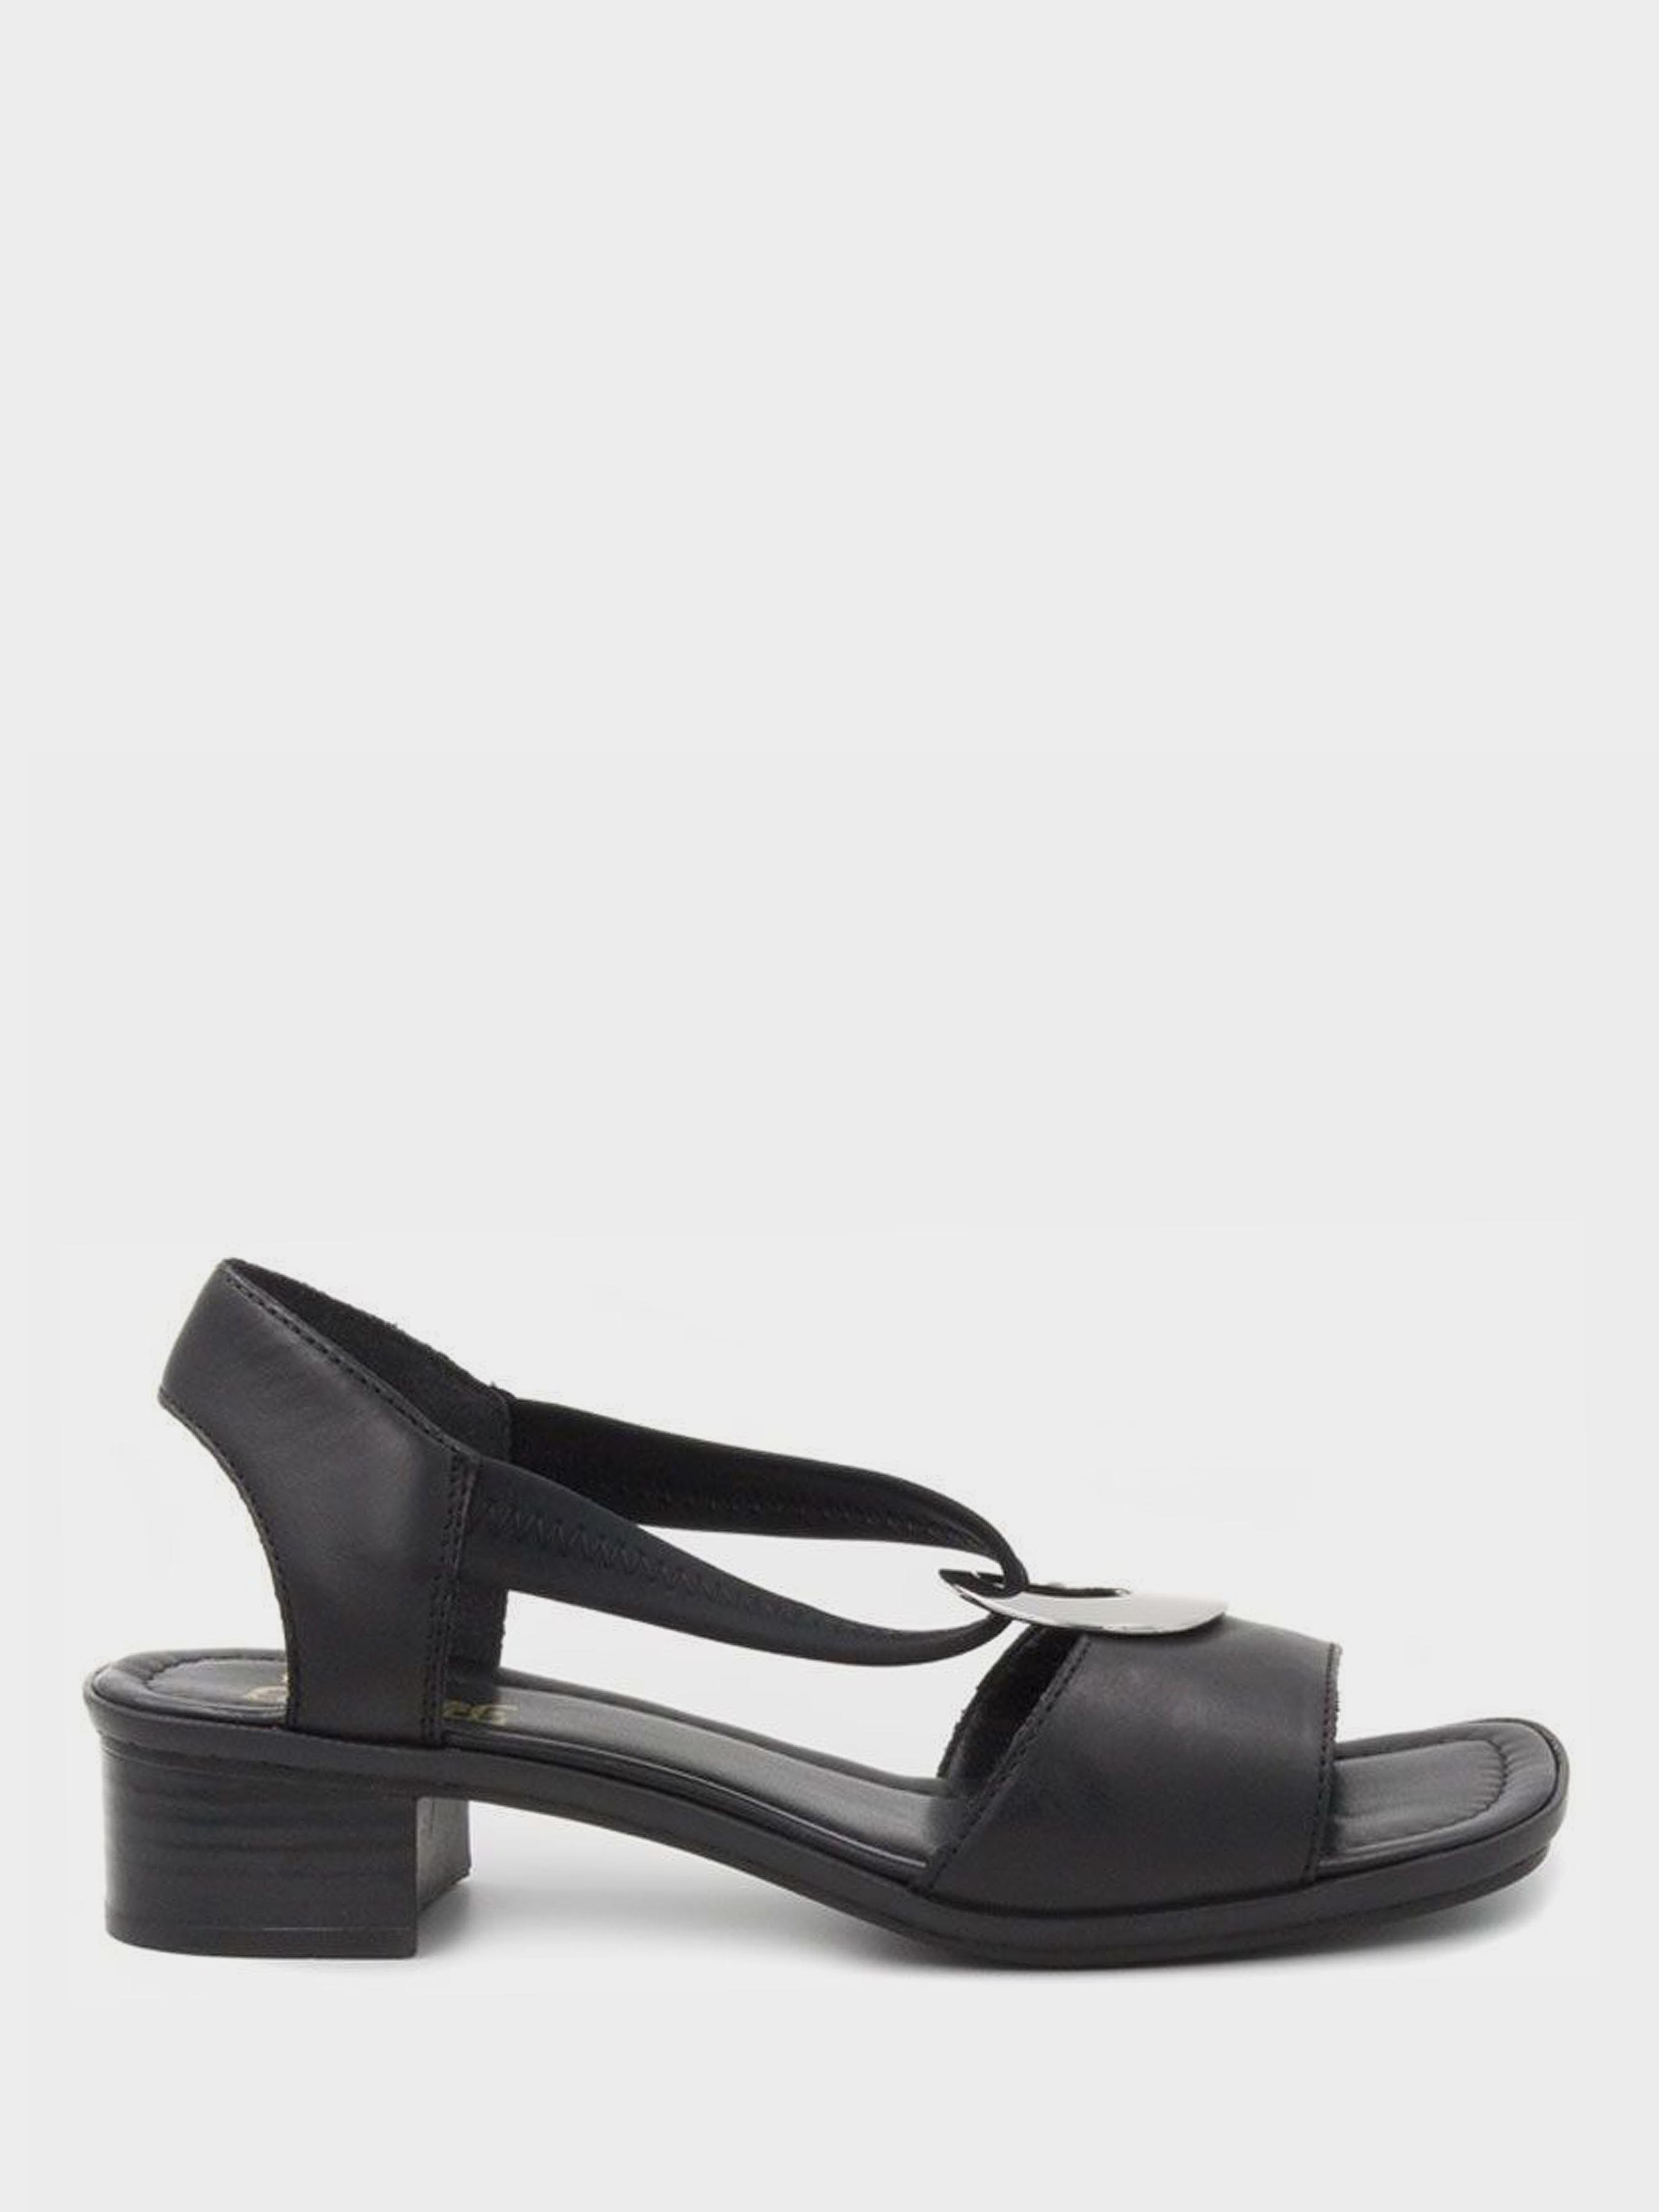 Босоножки для женщин RIEKER RW634 размерная сетка обуви, 2017